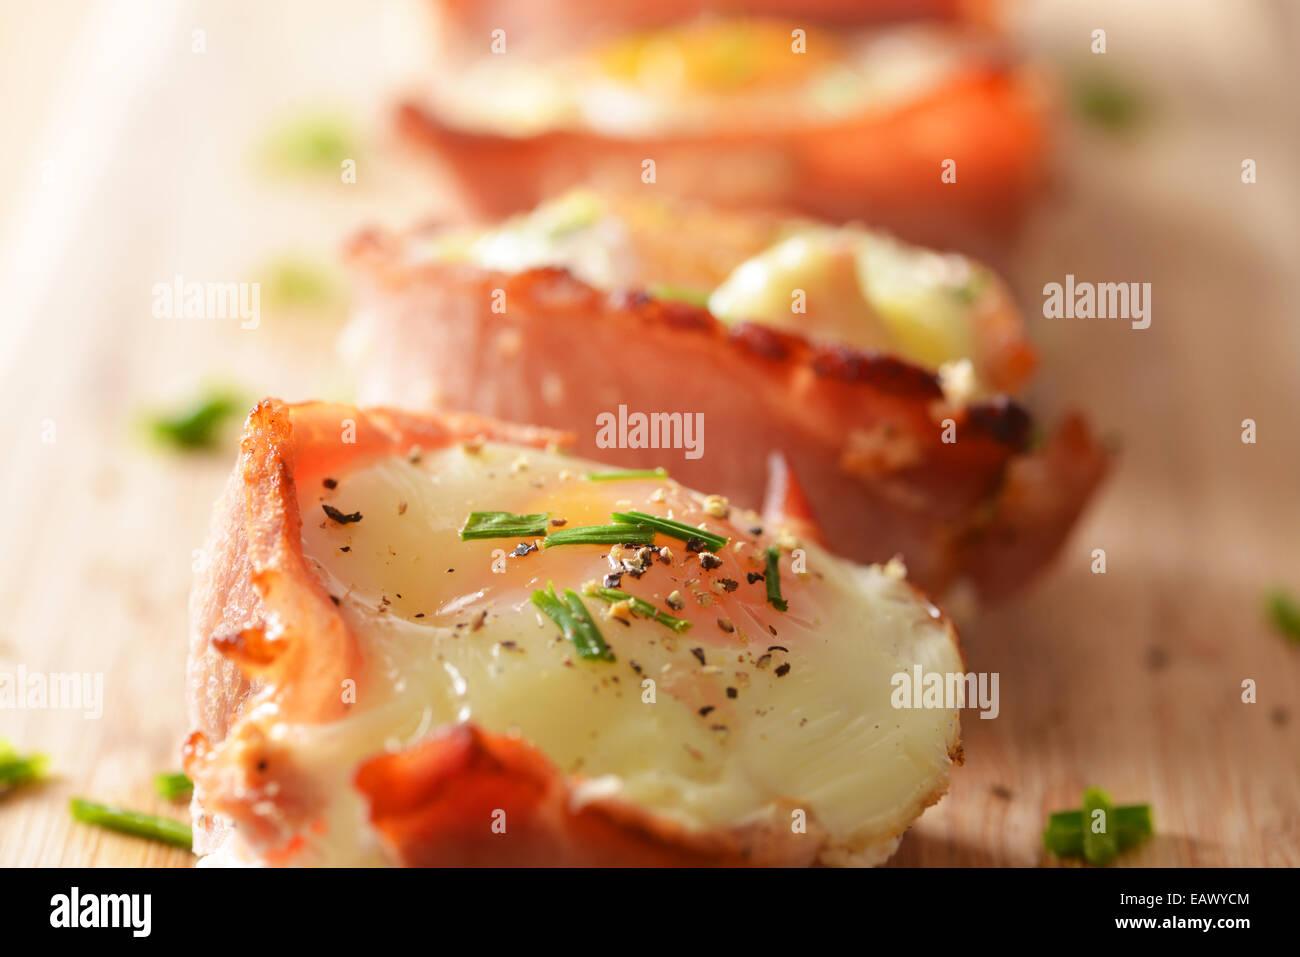 Œuf et bacon cupcakes servis et prêts à manger. Photo Stock